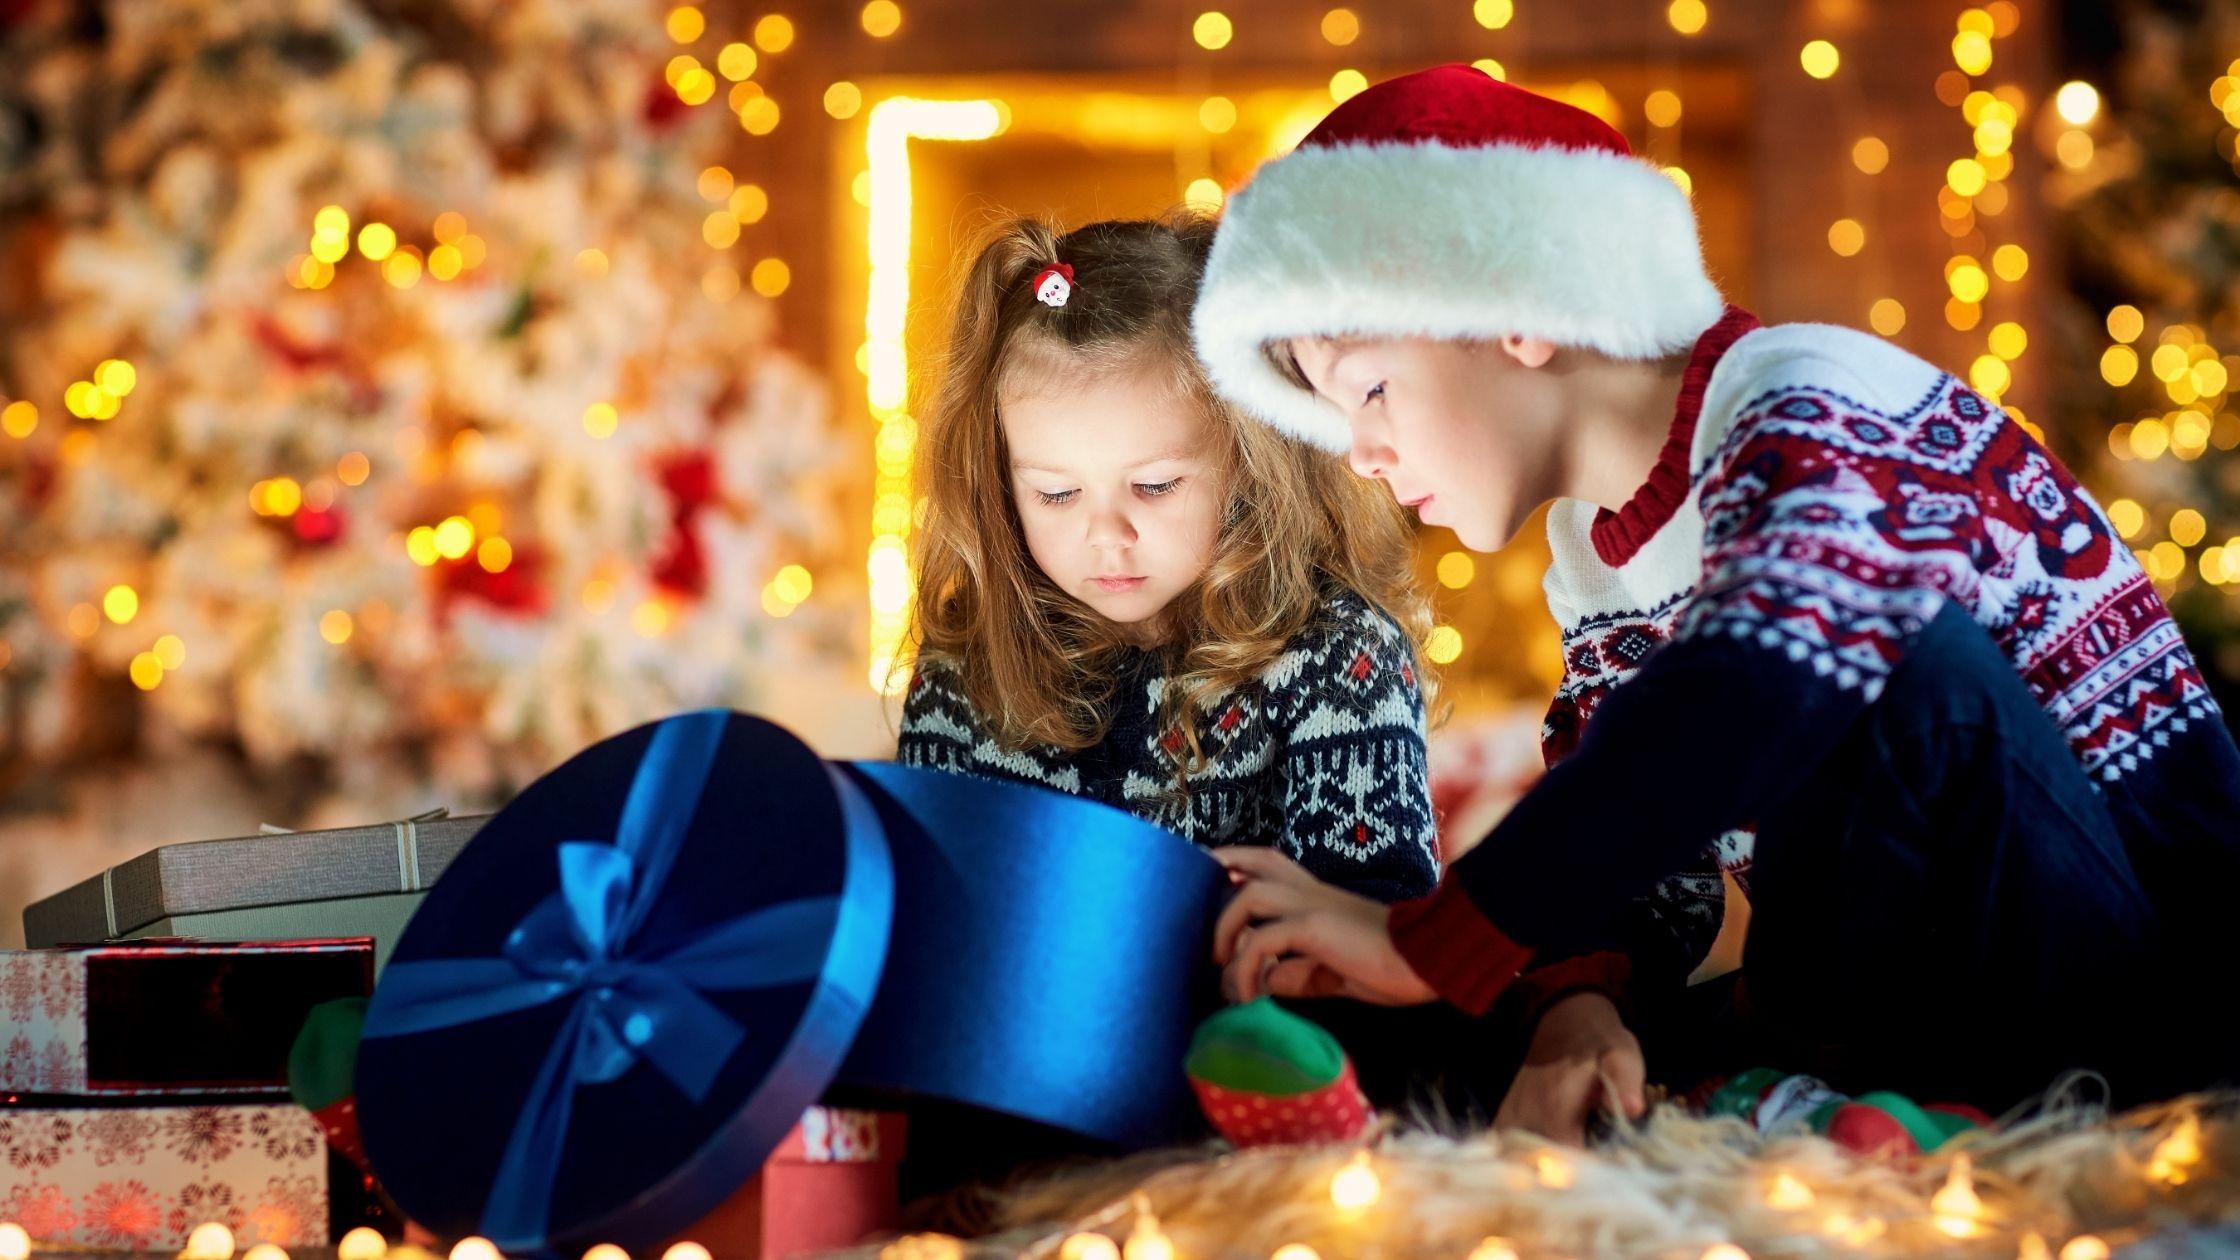 Top 12 Idei cadouri copii de Craciun 2020. Foarte originale